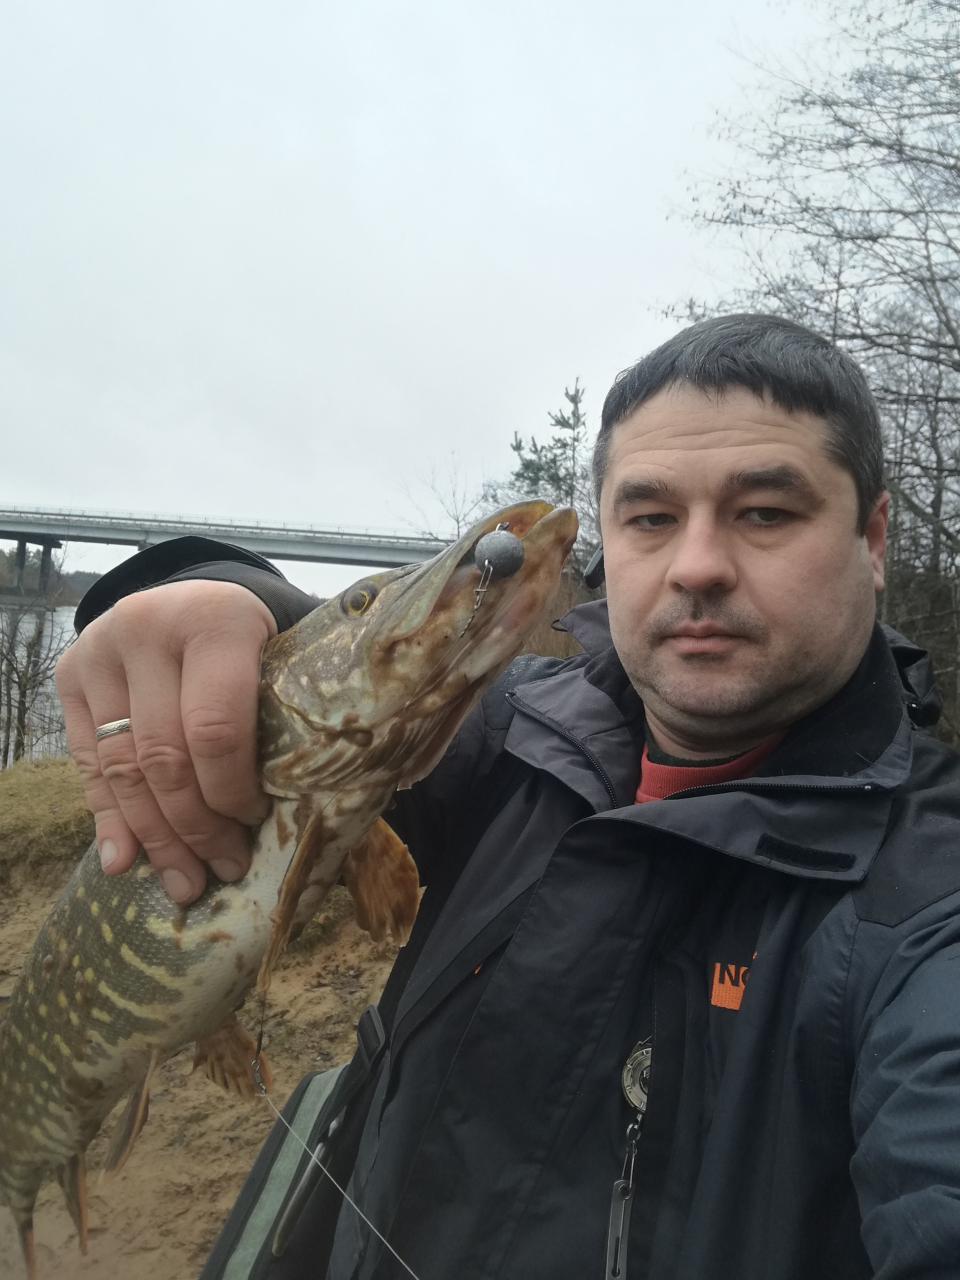 Пробежался сегодня по Неману в районе моста Ивье-Новогрудок,погода ...   Отчеты о рыбалке в Беларуси